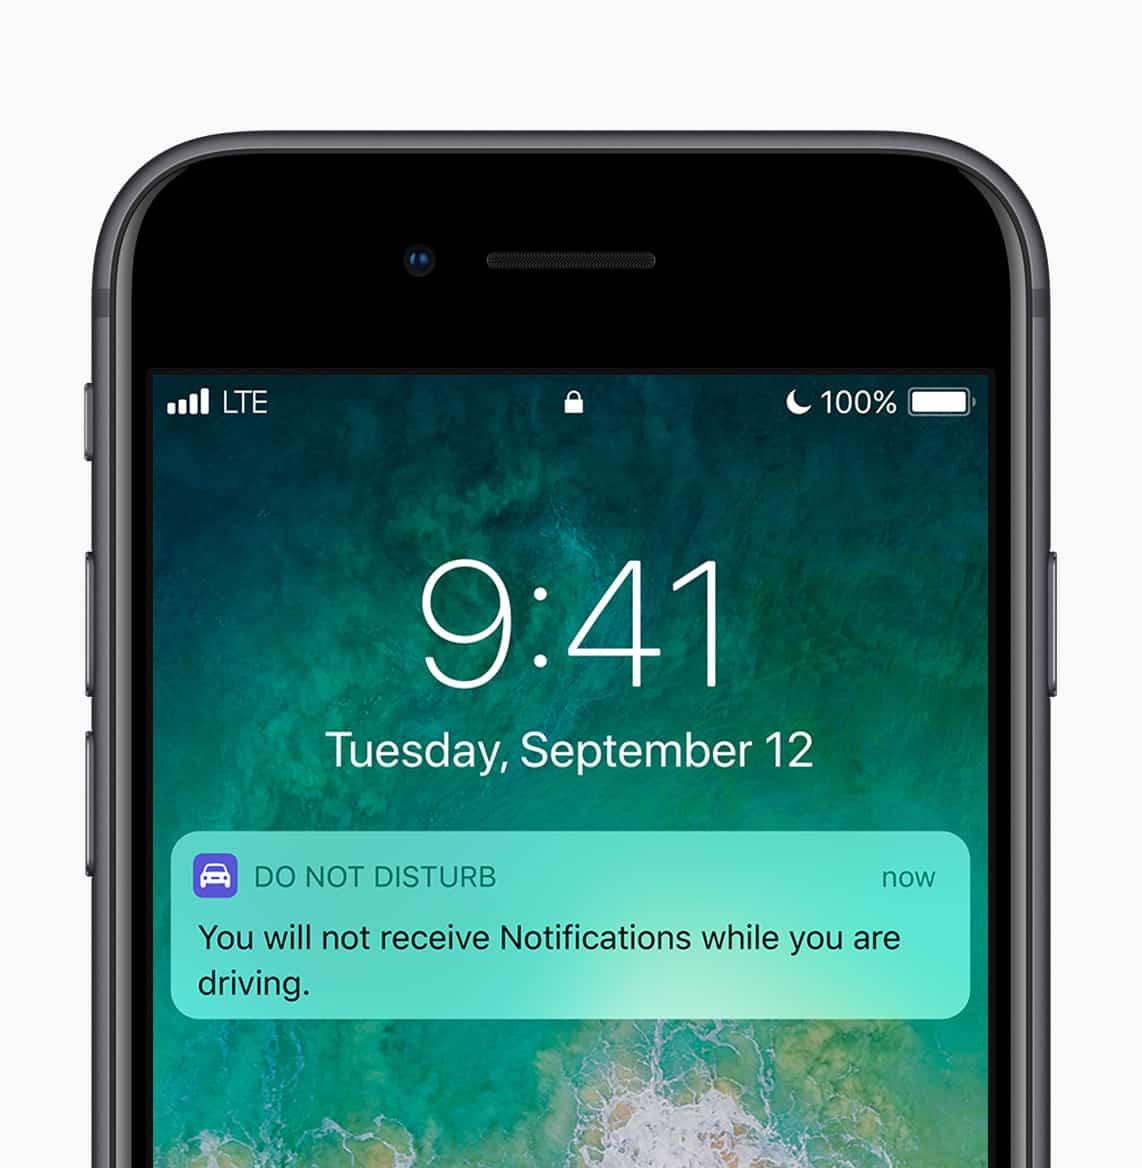 iOS 11 Conduite